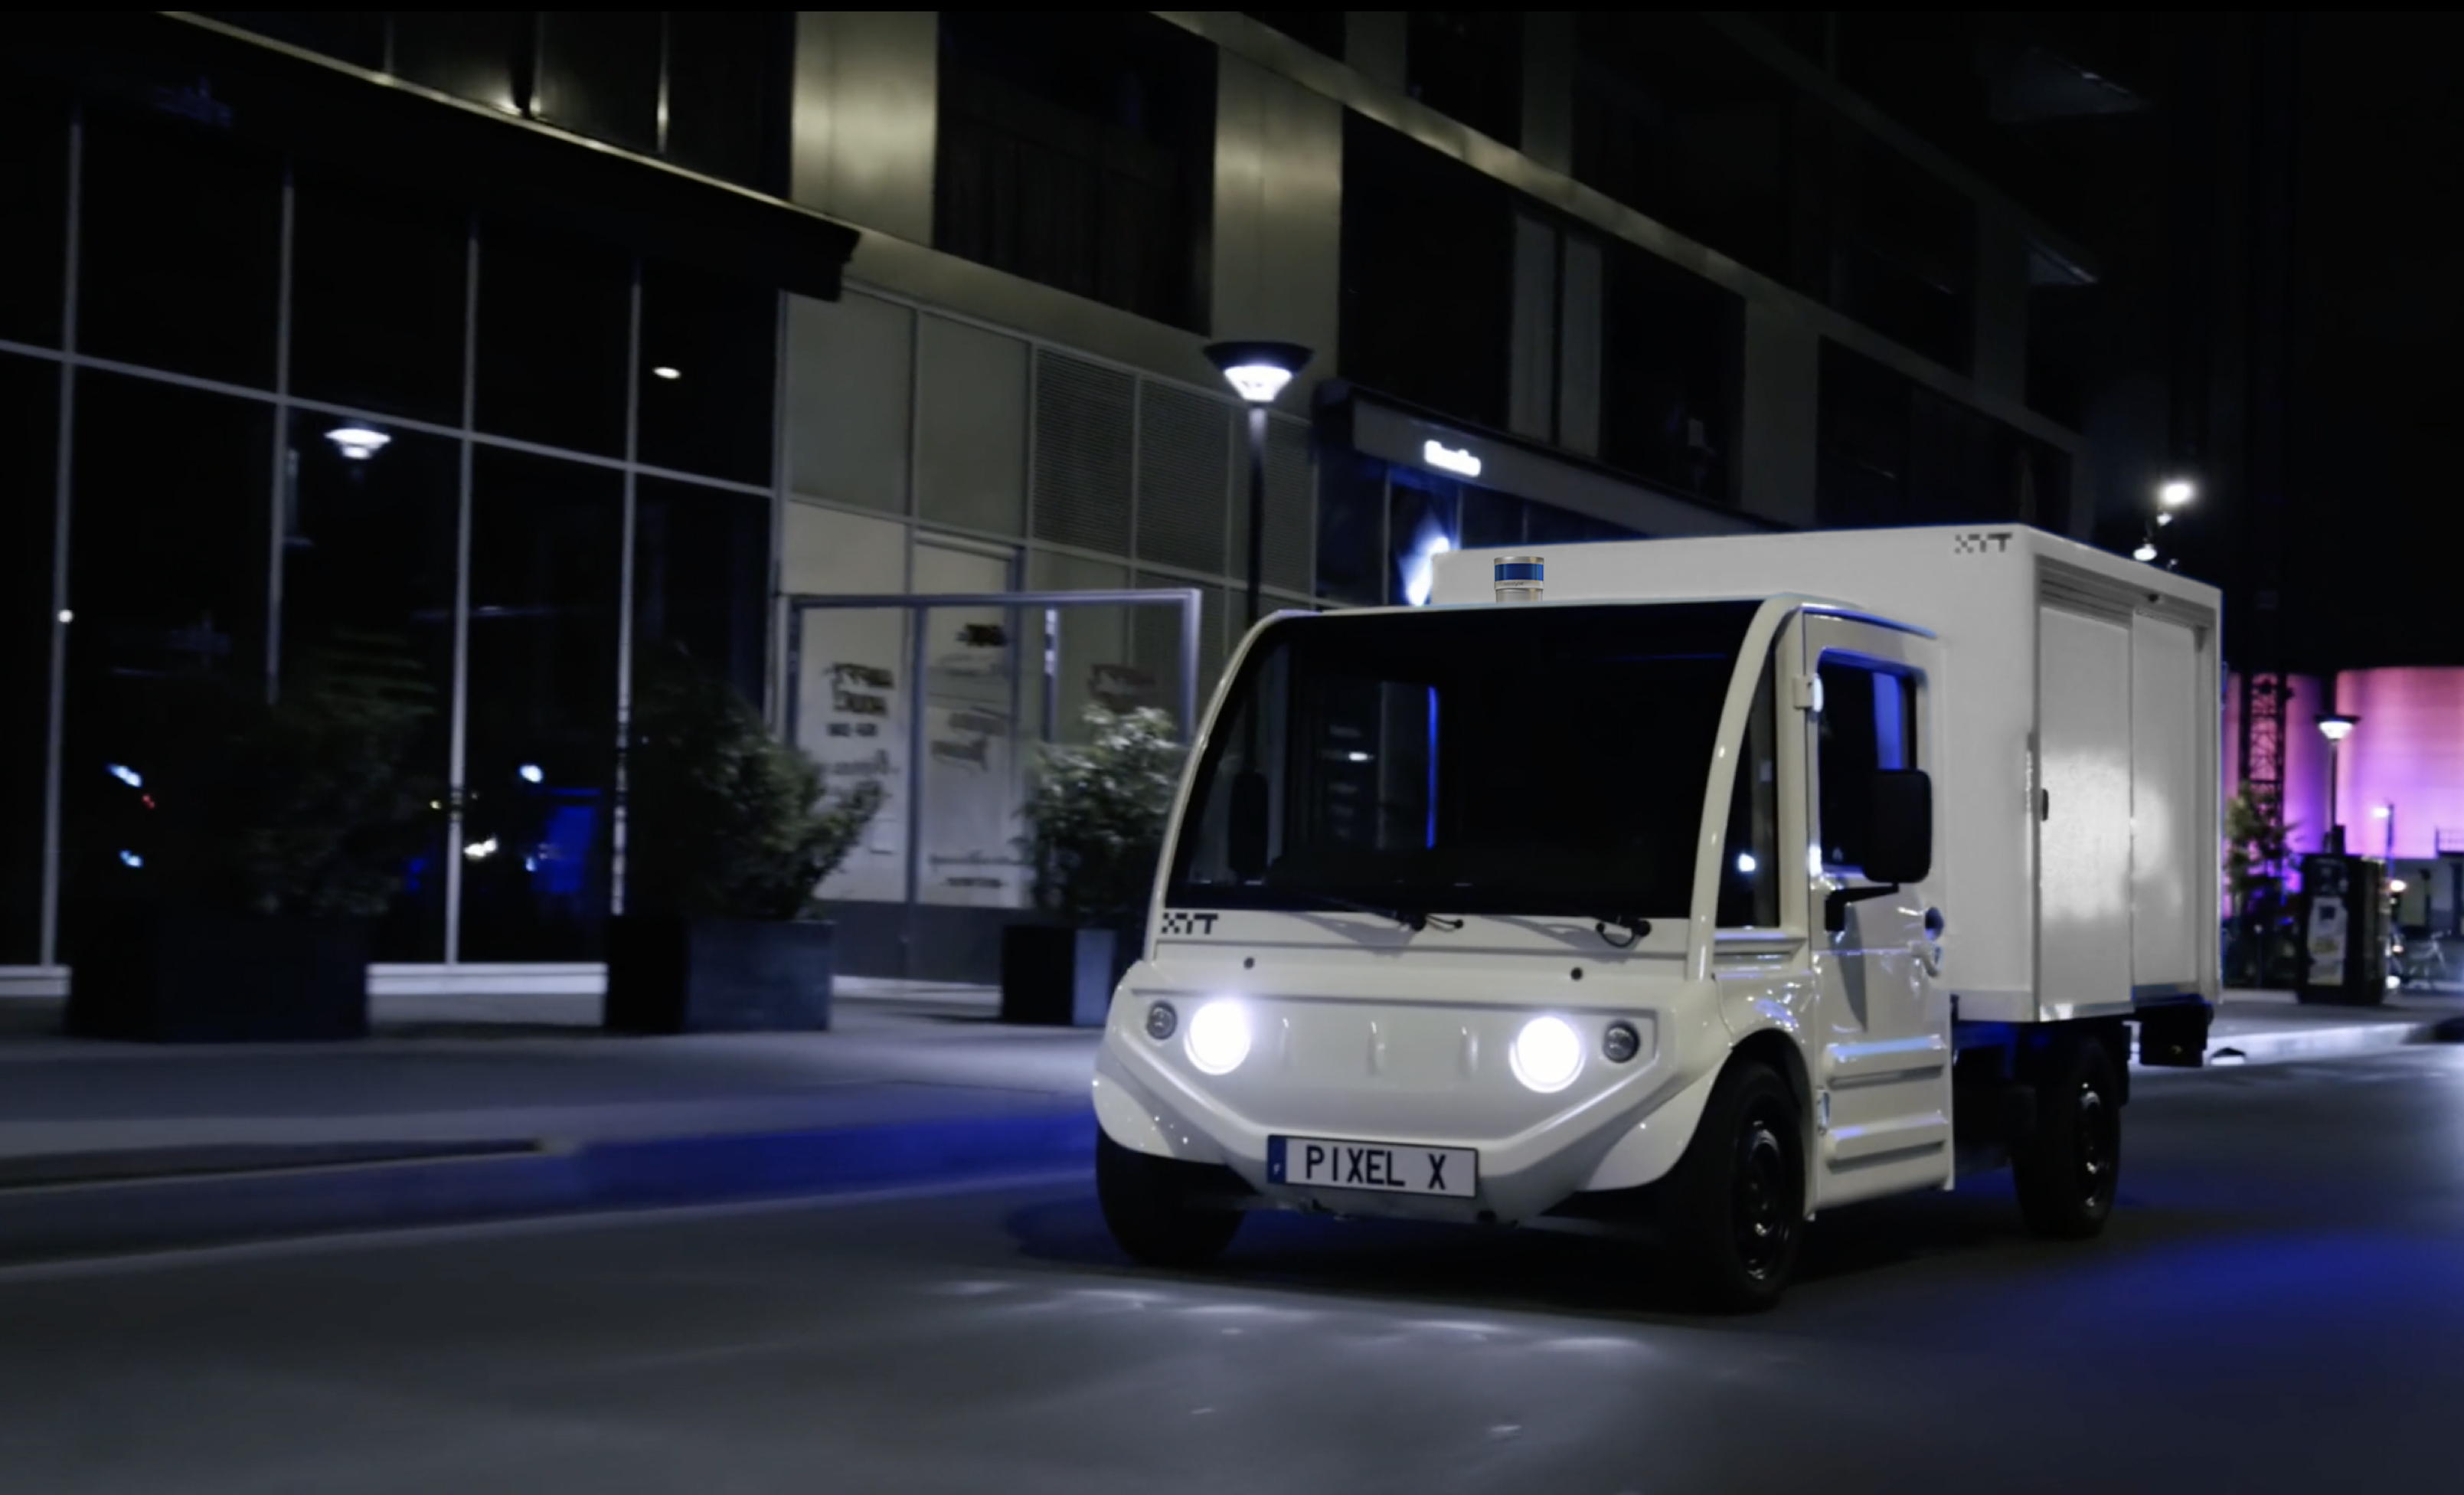 XYT Vehicle with LiDAR